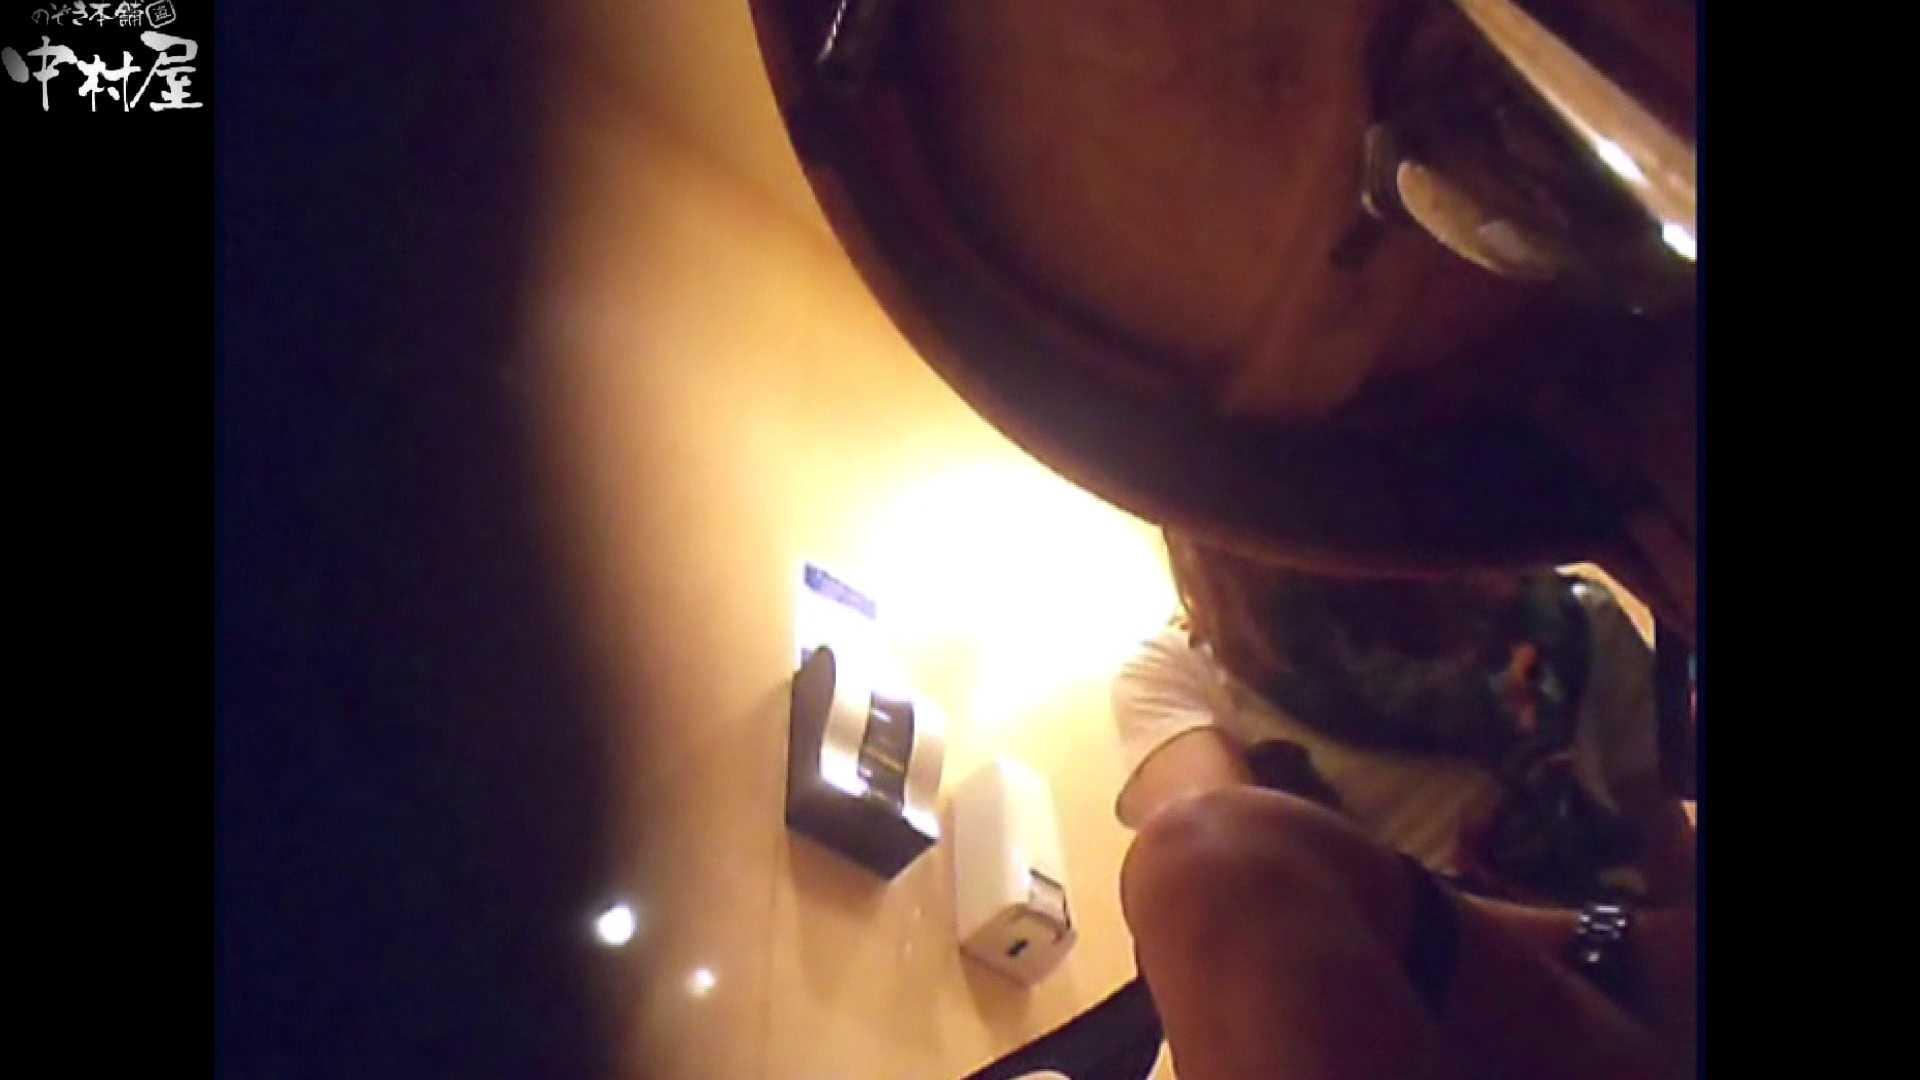 突撃!女子化粧室の真実vol.43前編 OLエロ画像 盗撮アダルト動画キャプチャ 88PICs 86